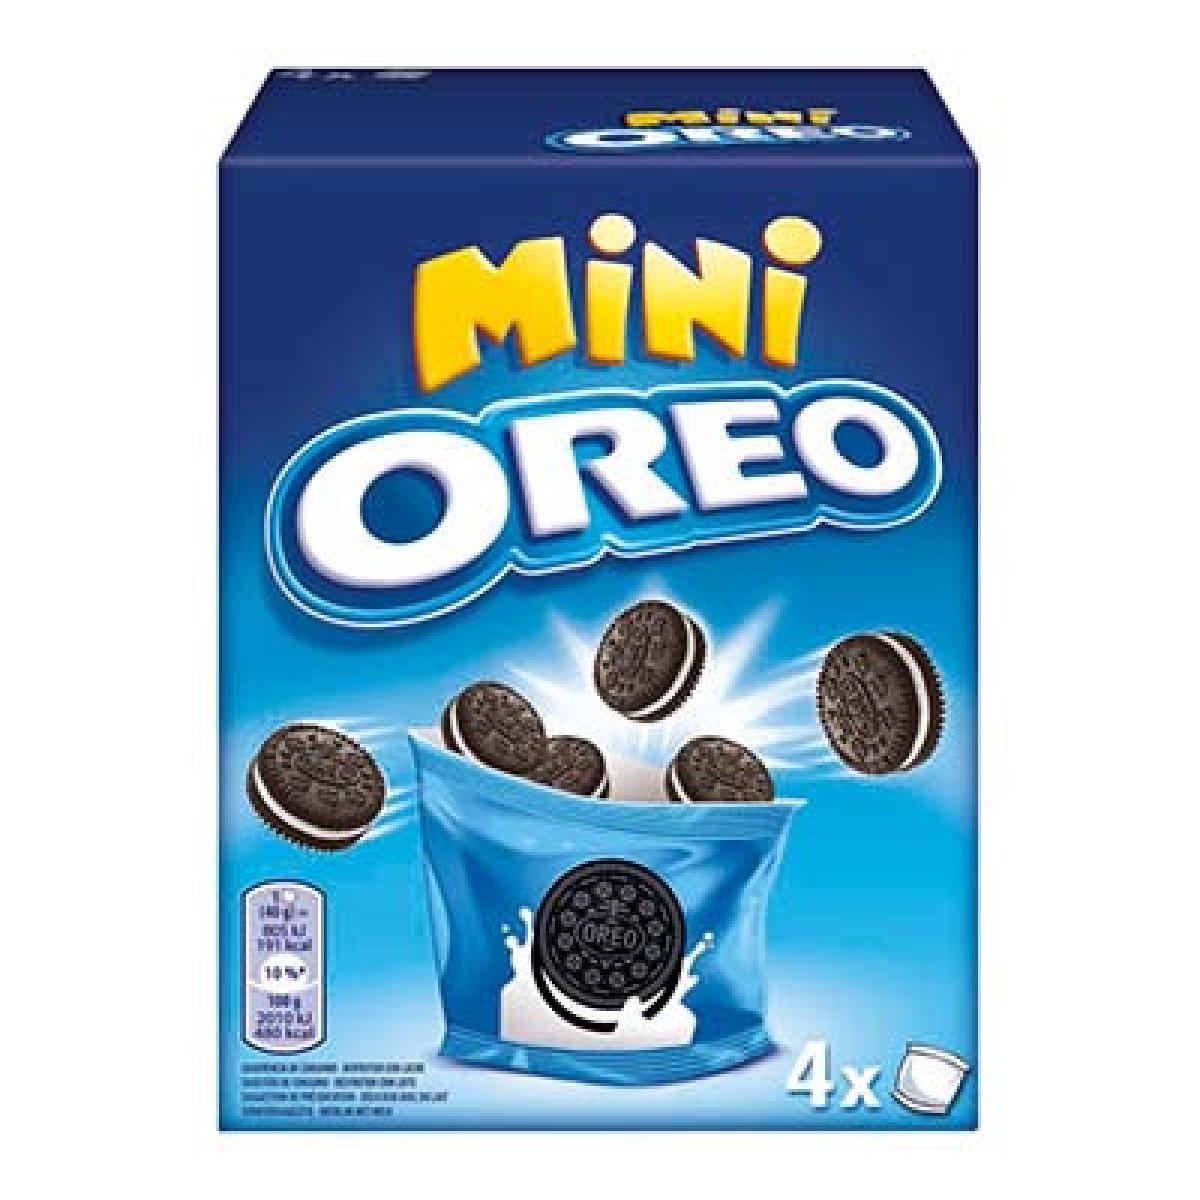 Biscoito Mini Oreo caixa c/10 de 35g